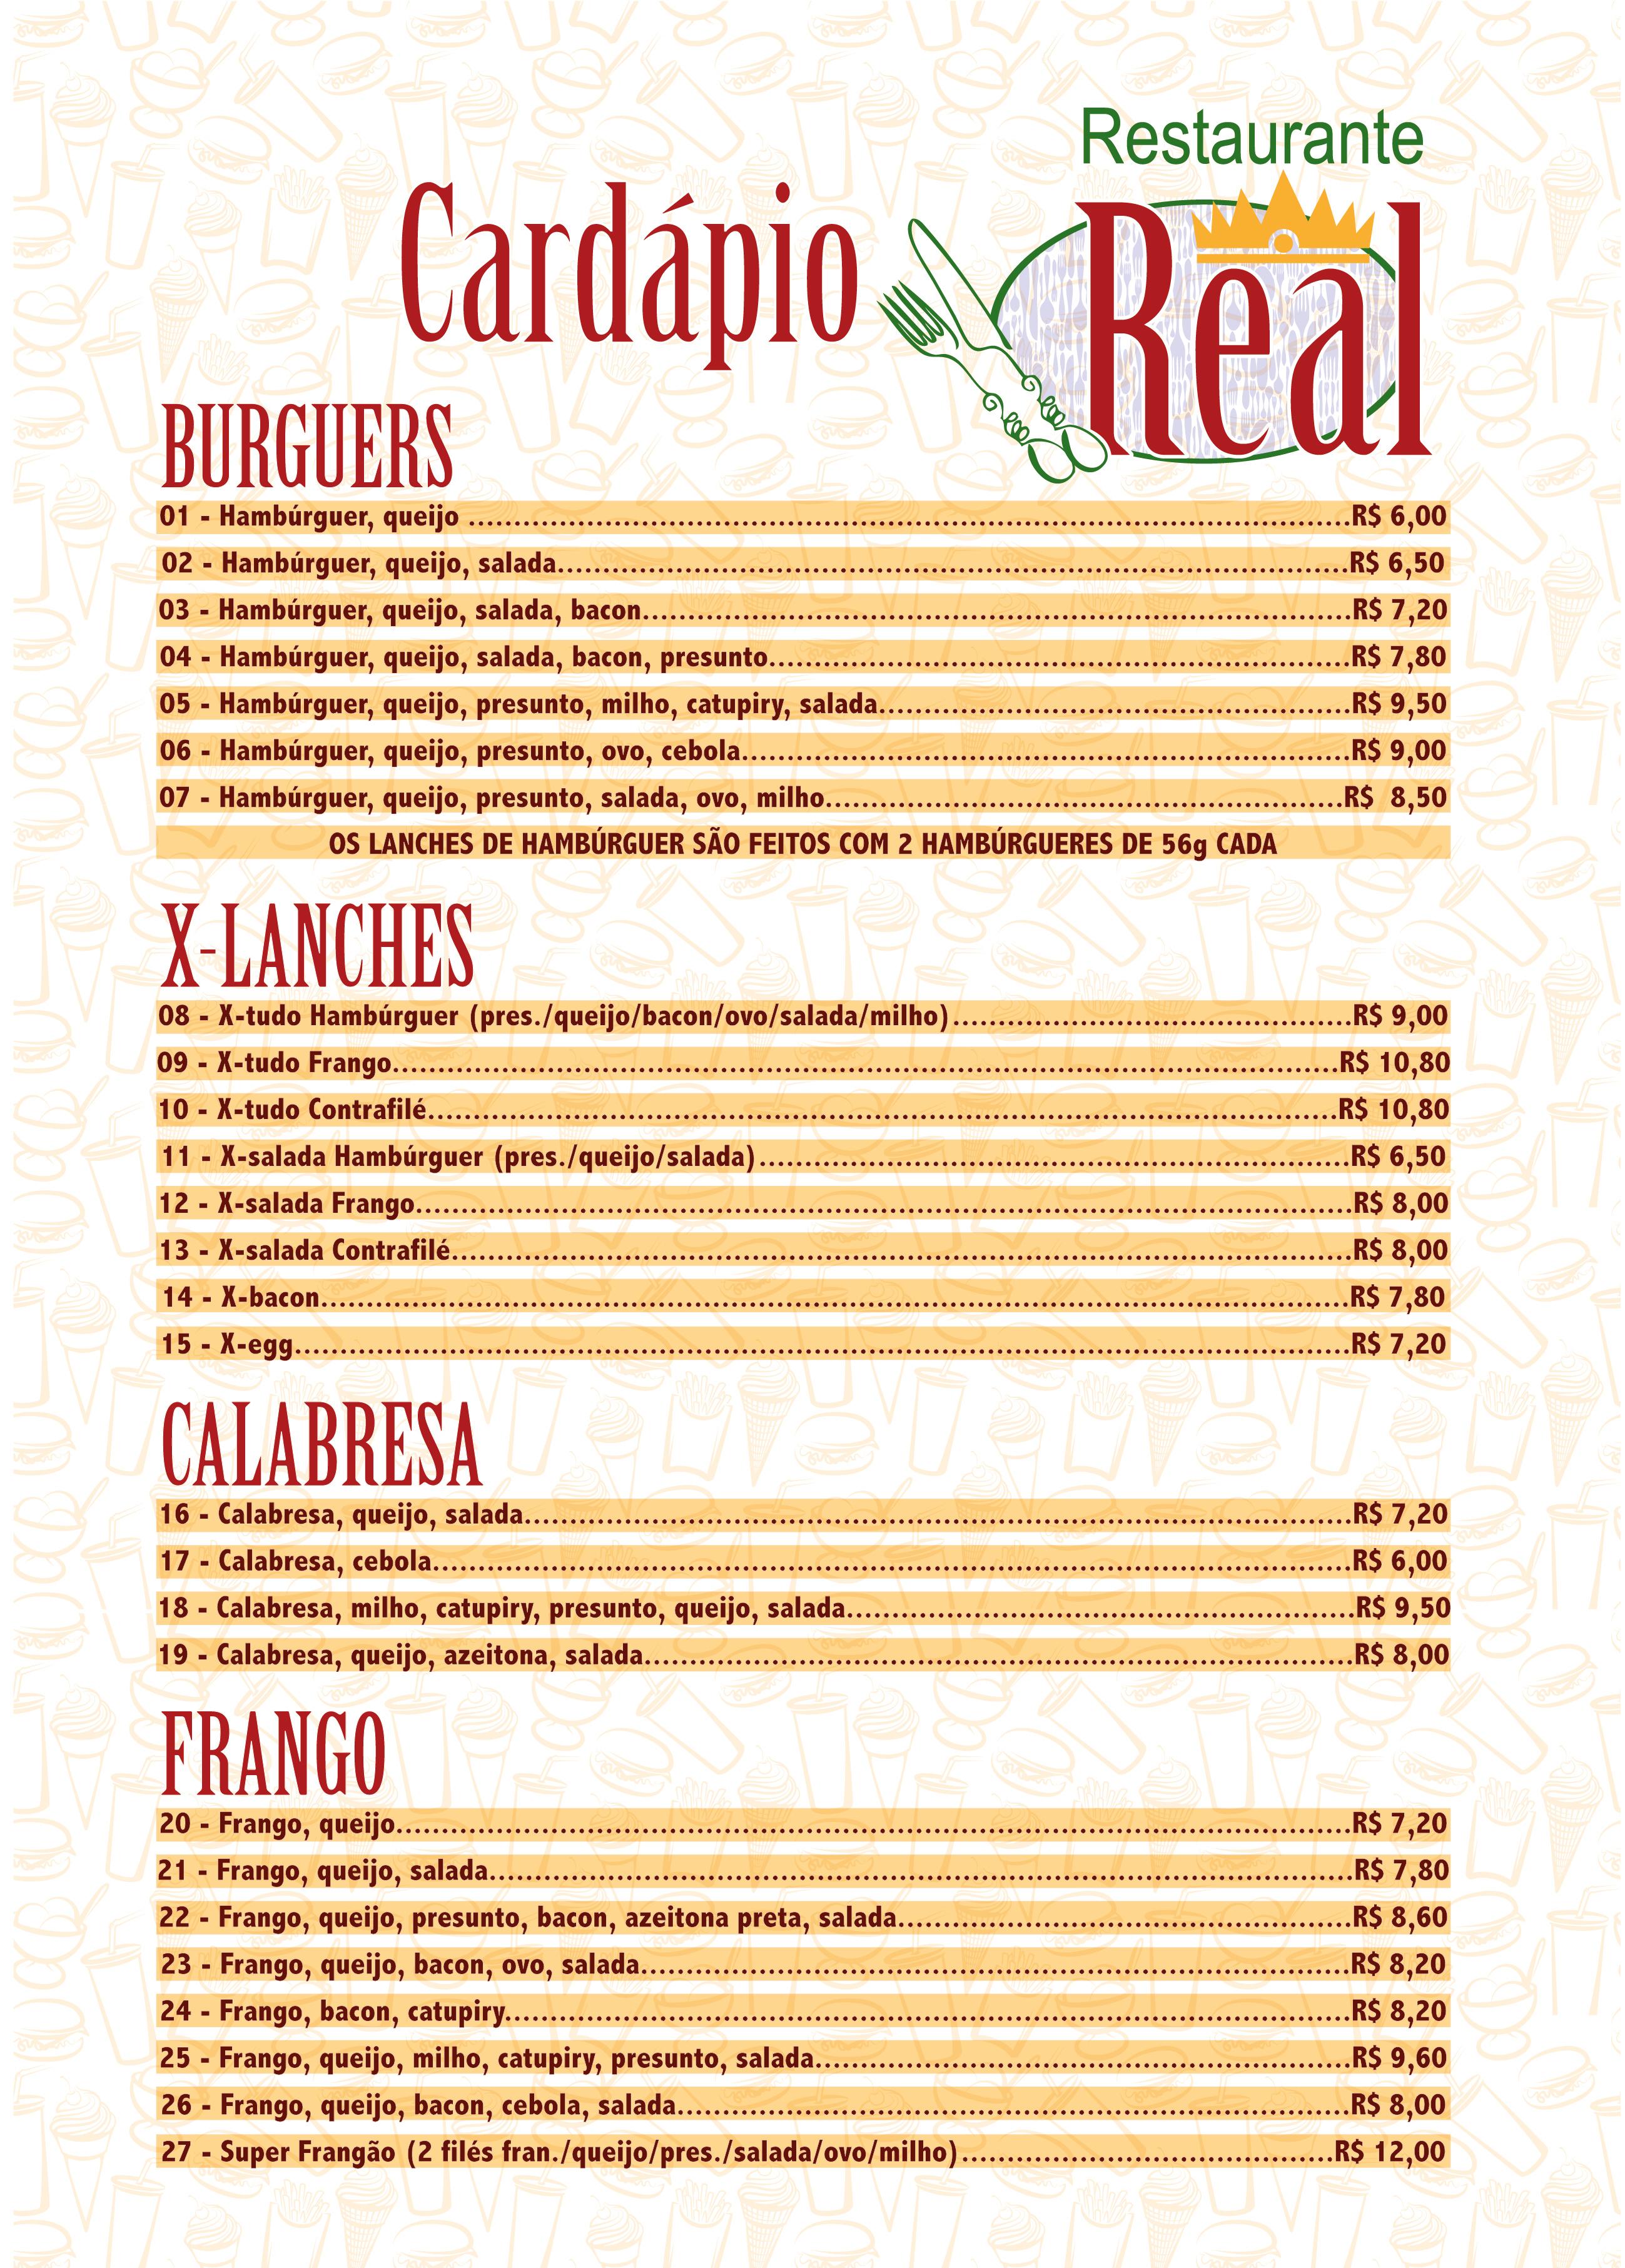 CardápioRestauranteReal-01